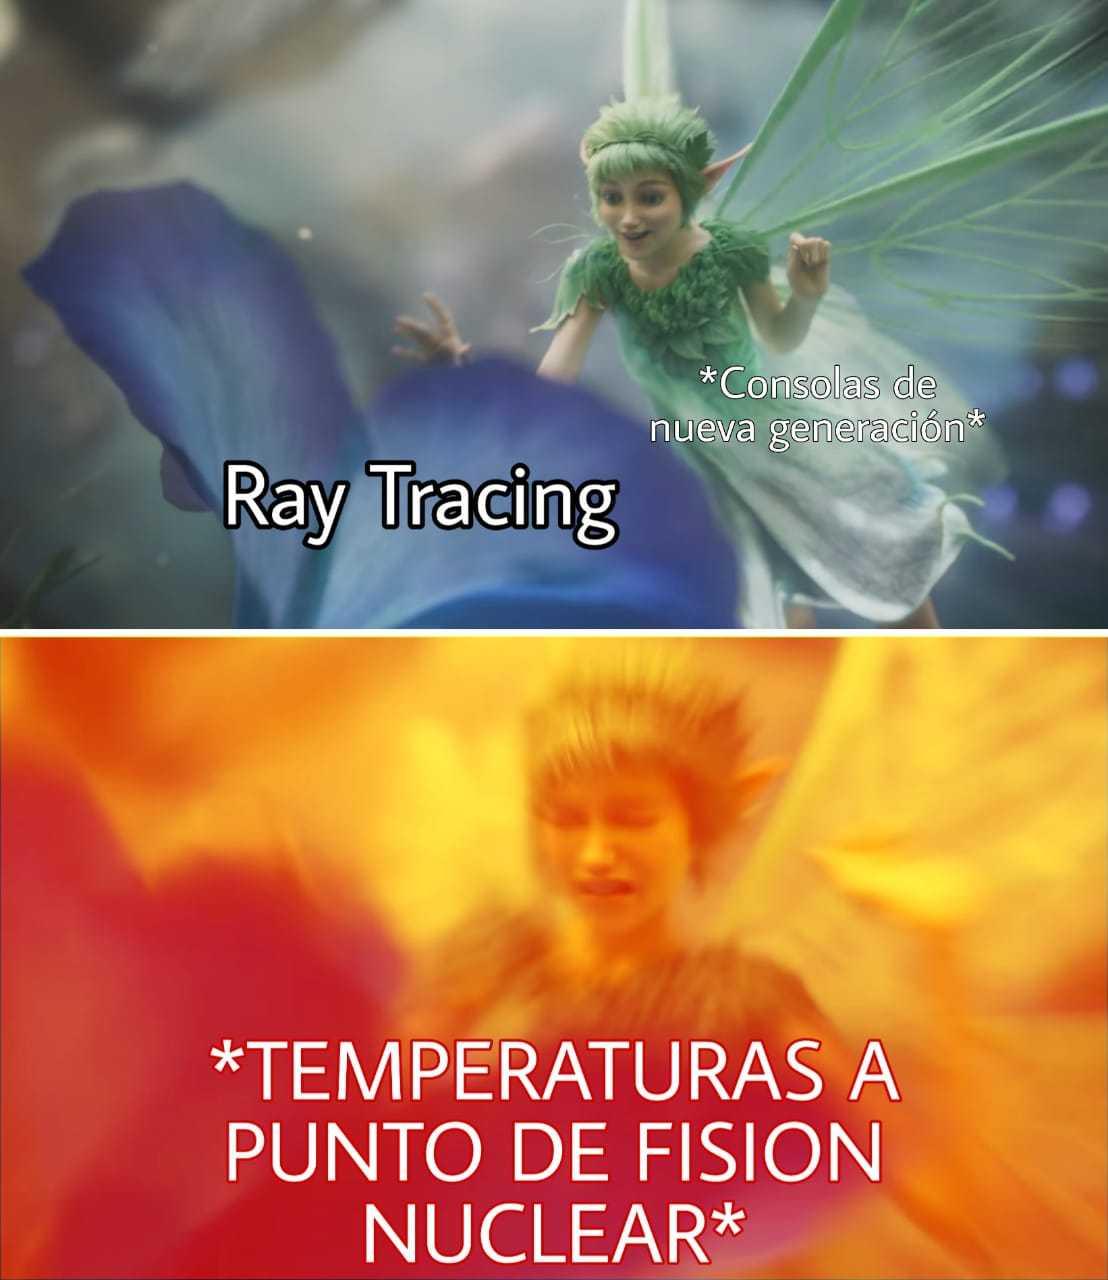 Y por cierto ese Ray Tracing es medio trucho - meme